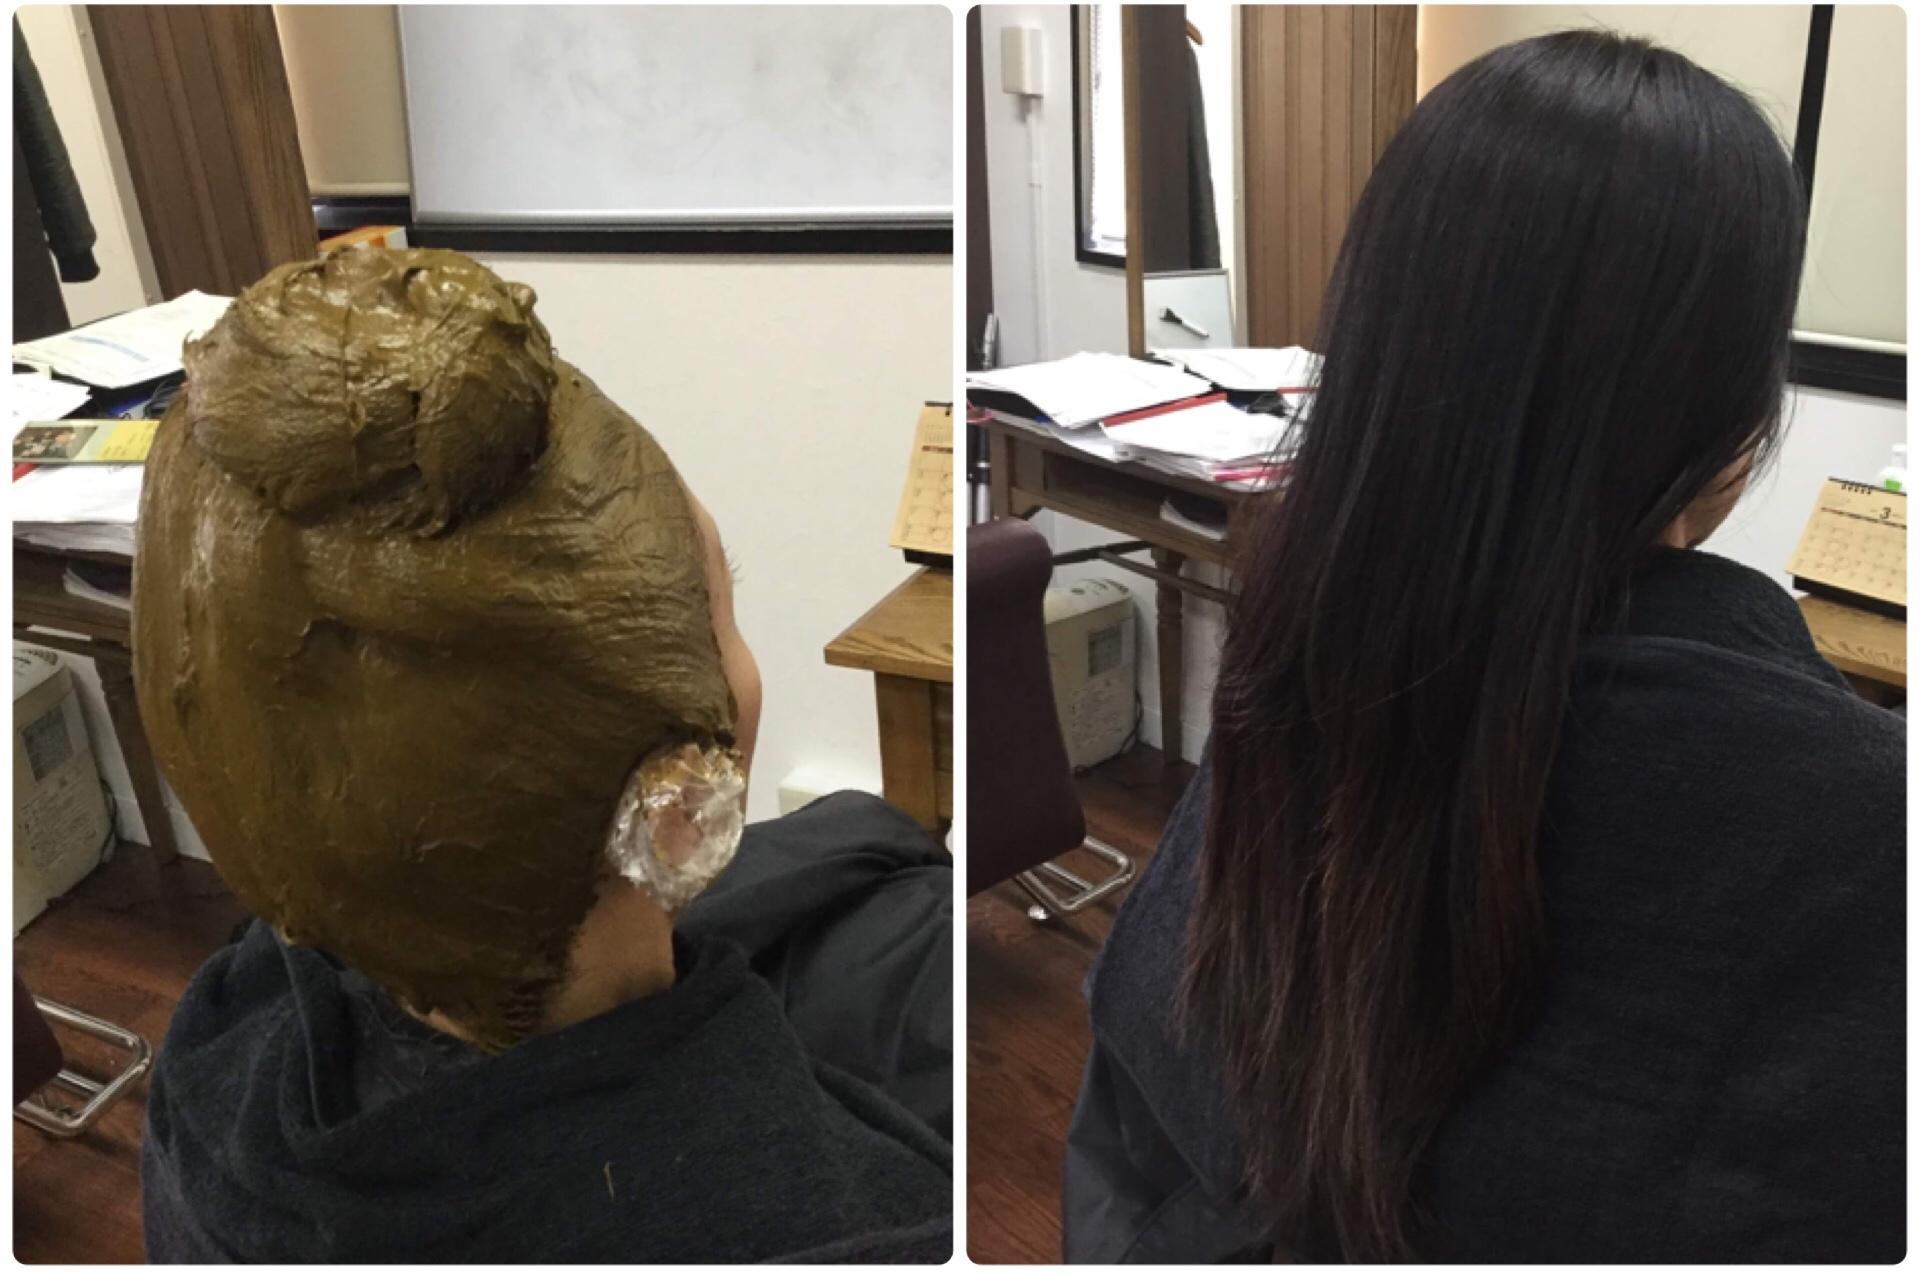 神戸中央区三宮【天然100%熟成HQヘナ専門】大人女性の為のくせ毛専門美容室アバディ